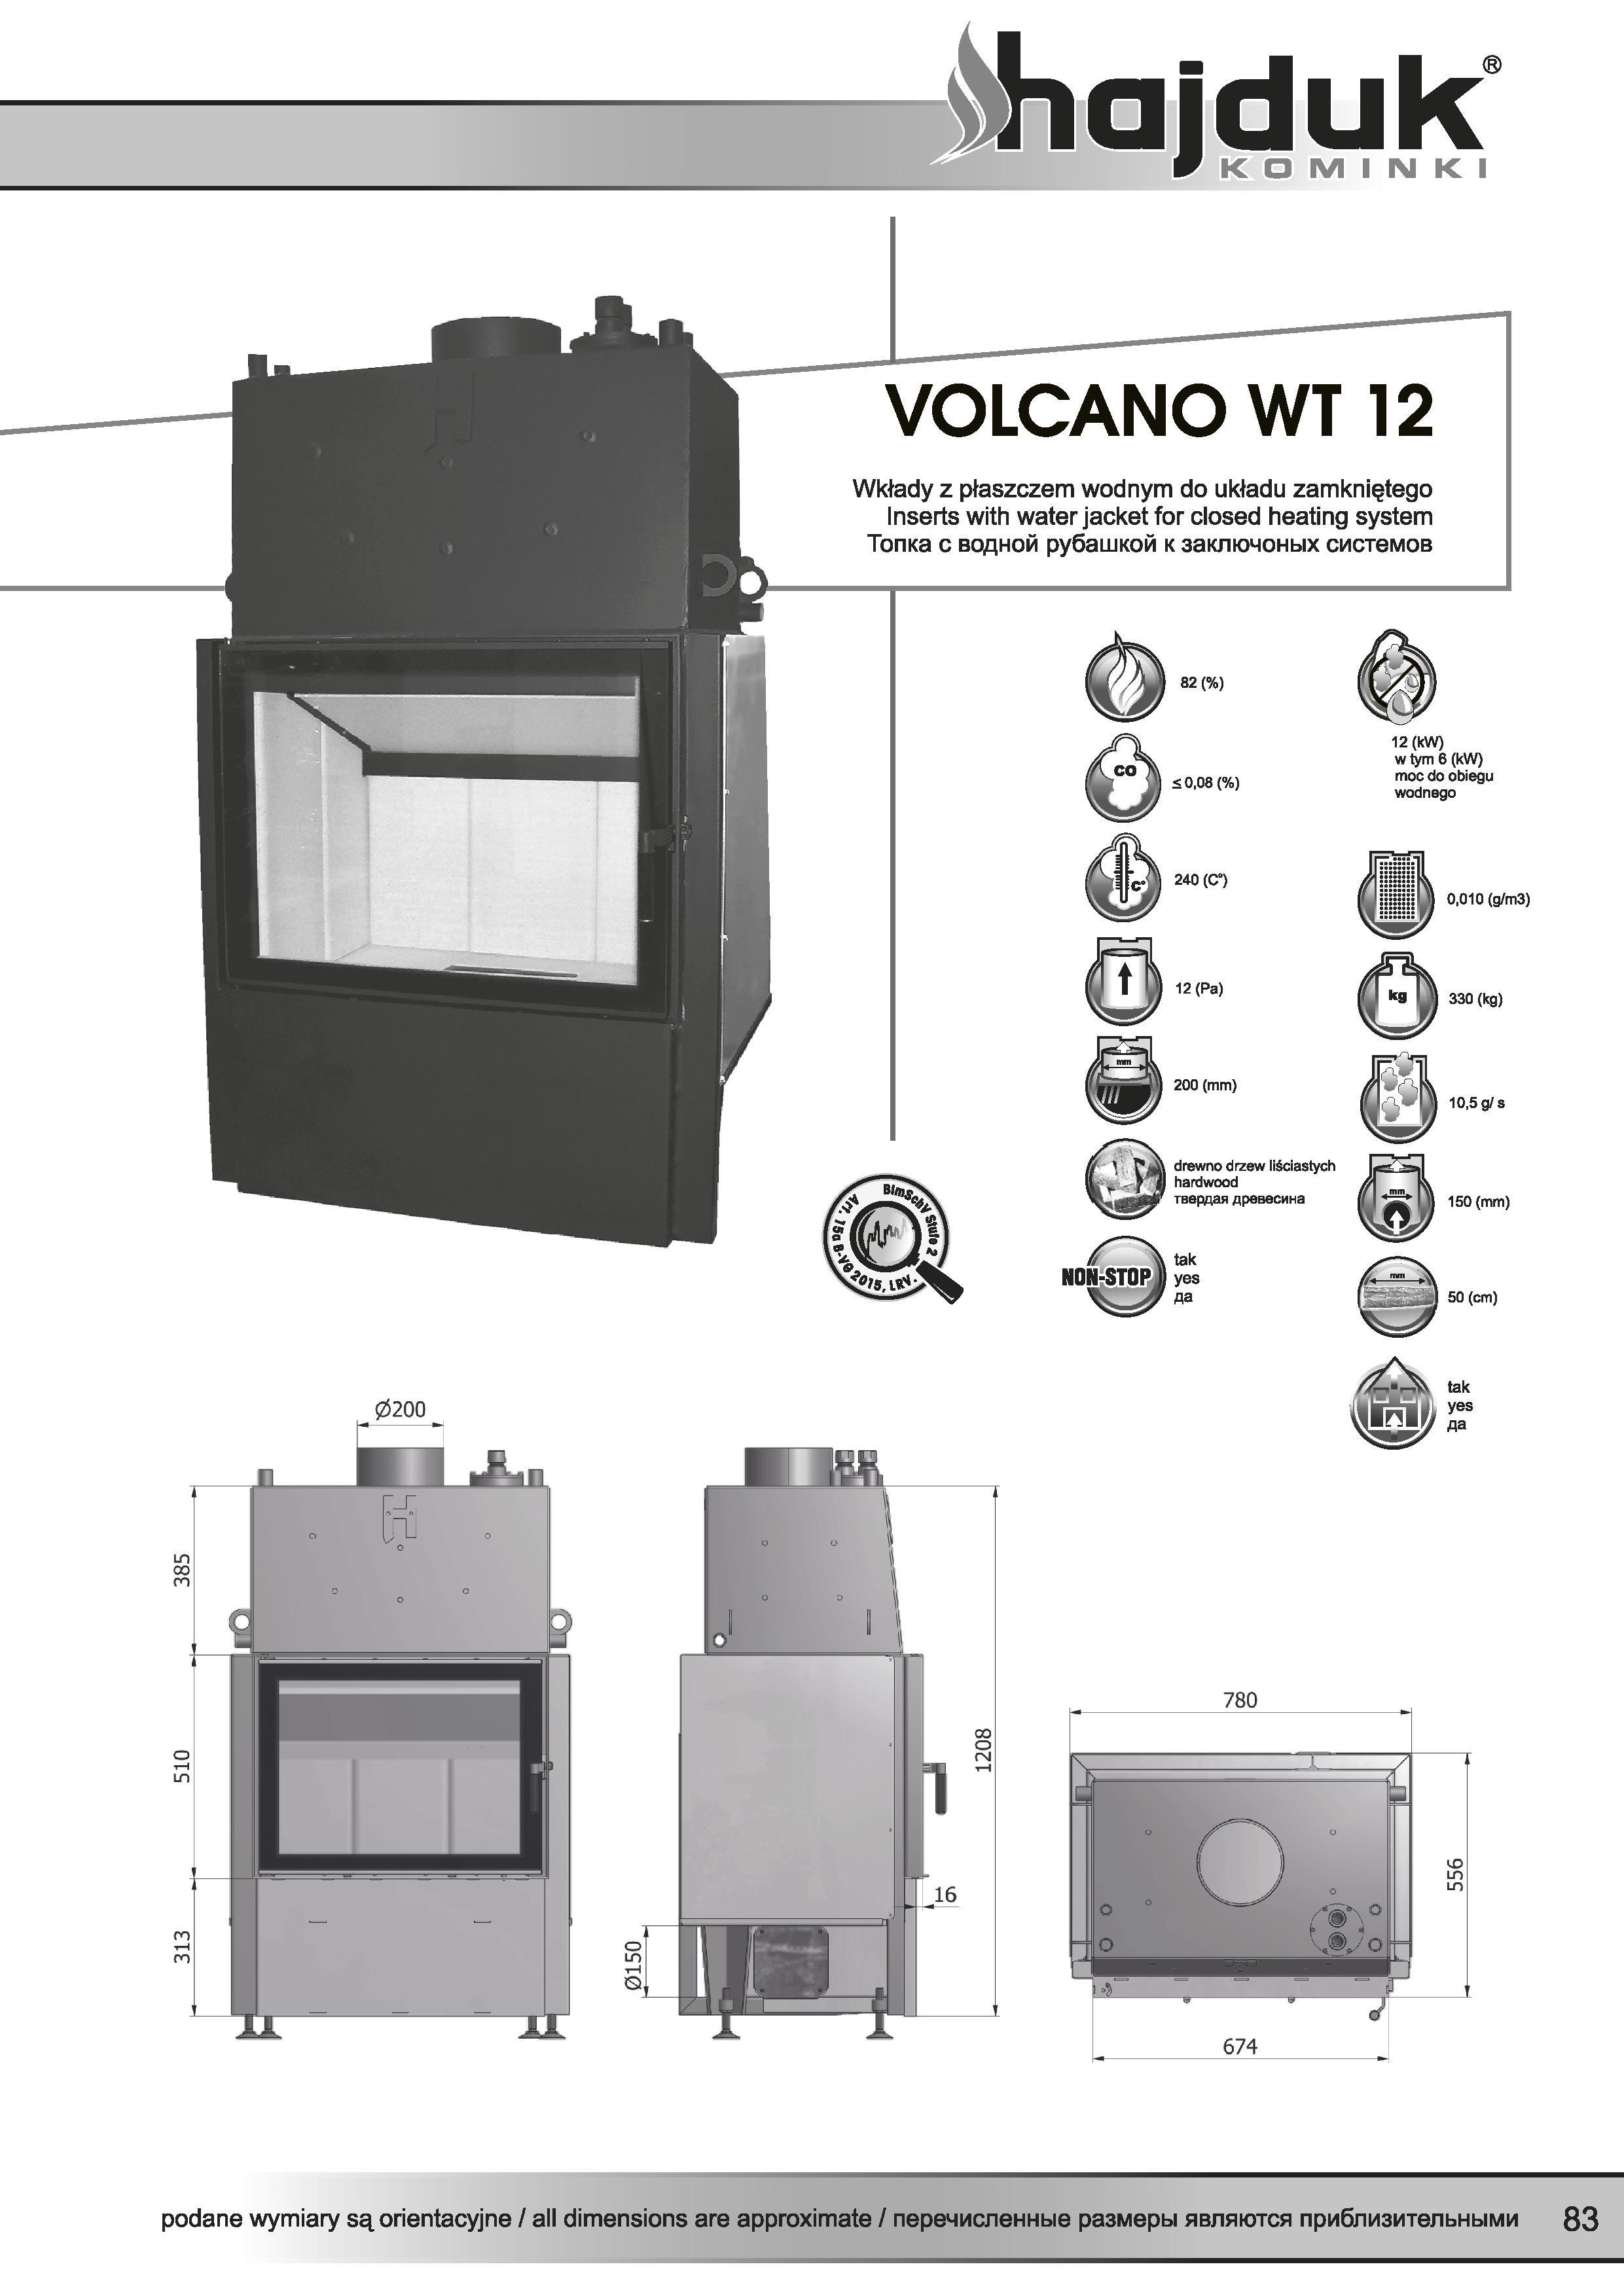 Volcano%20WT 12%20 %20karta%20techniczna - Wkład kominkowy Hajduk  Volcano WT 12